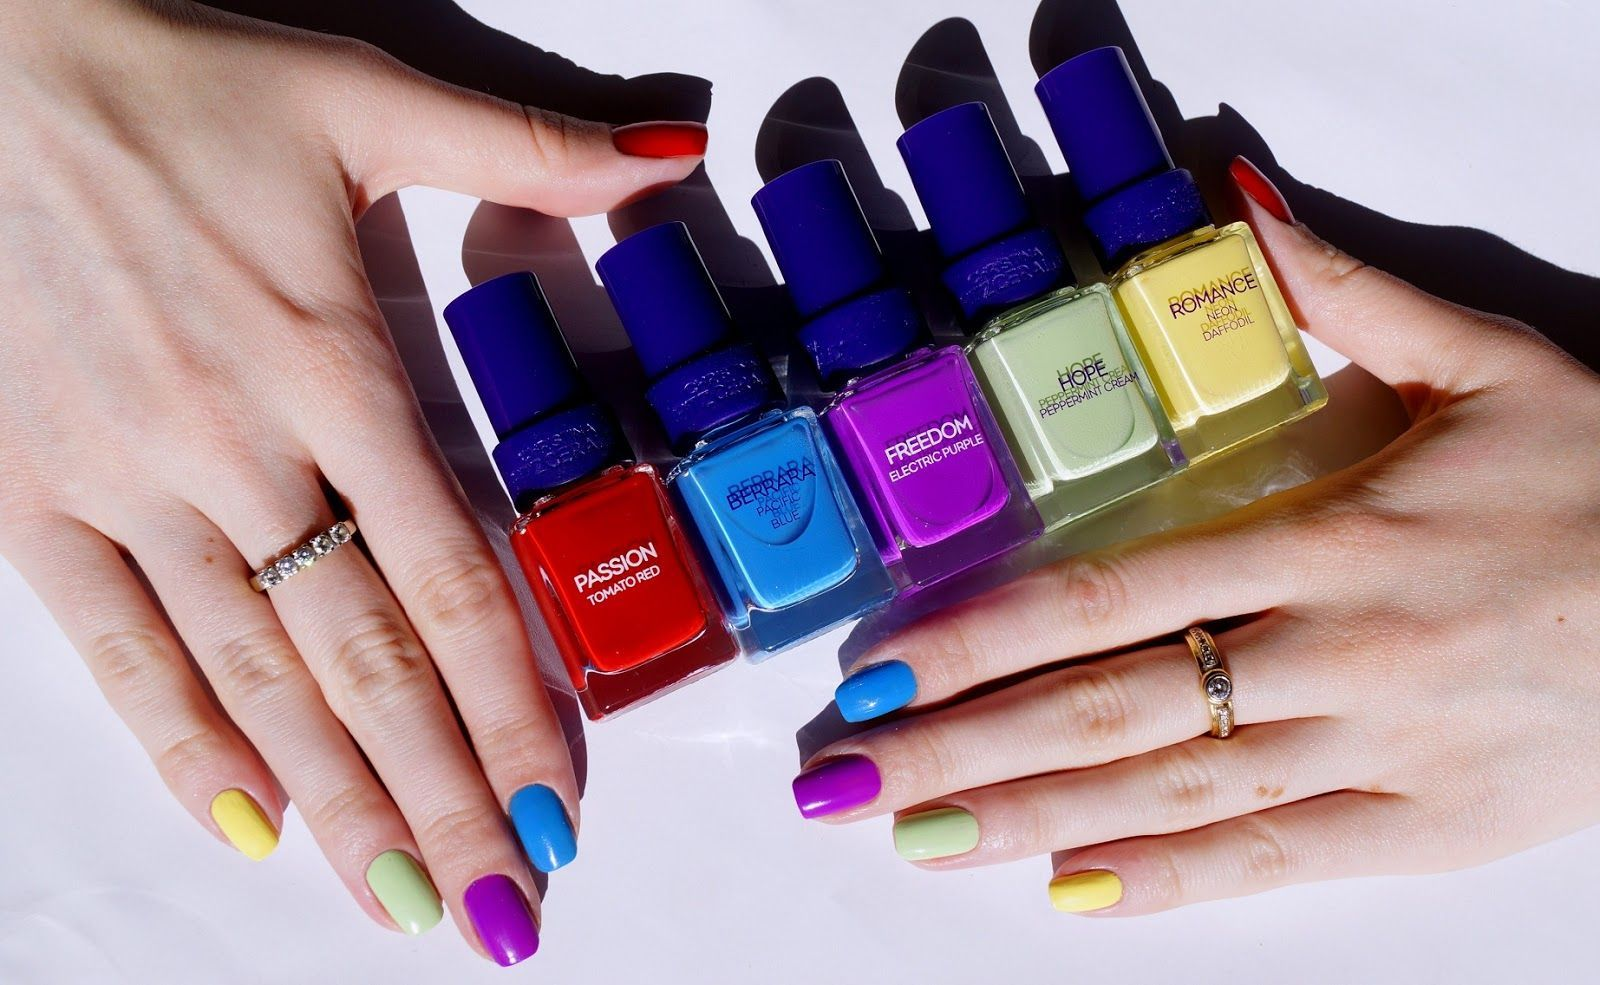 Совет стилиста: какие дизайны и оттенки ногтей будут в тренде этой осенью